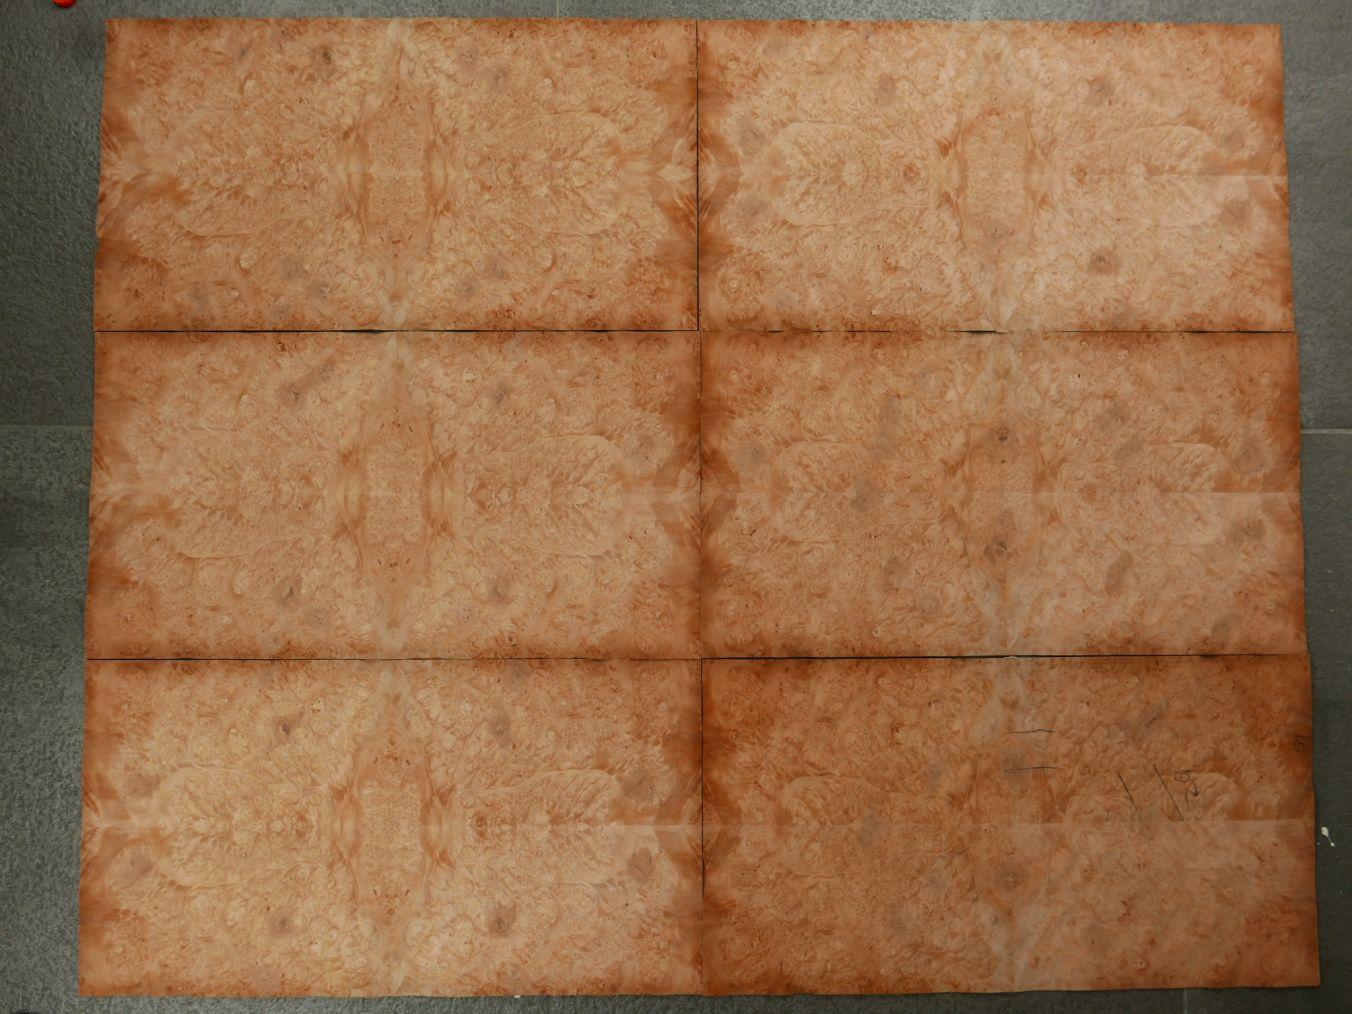 GW099-1 Gevoegd Esdoorn Gewaterd Wortel 31x58cm 6st